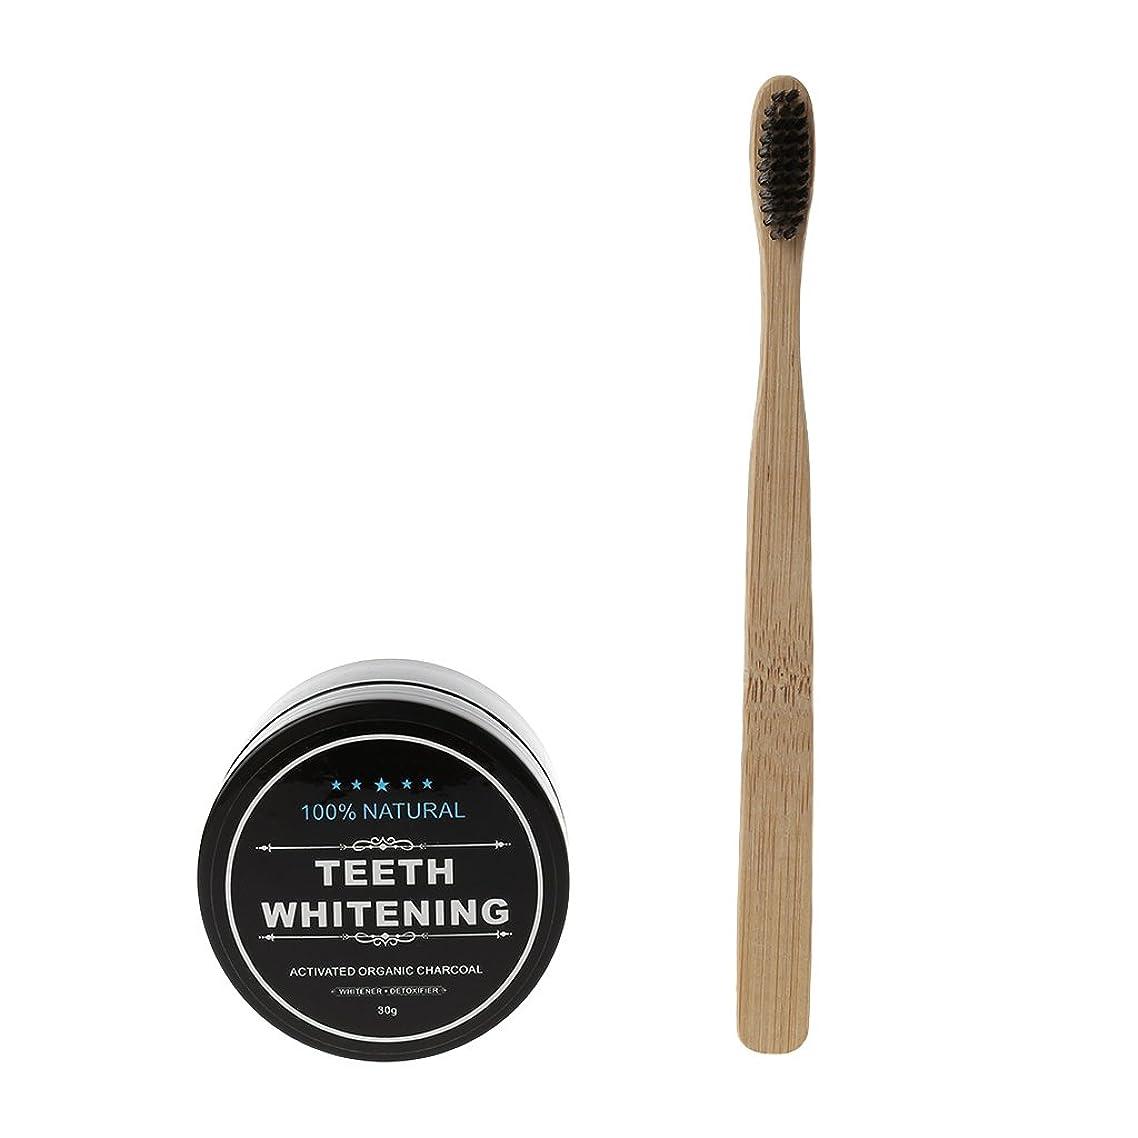 協同浸したとは異なりJAGETRADEバンブーホワイトニング歯のパウダーオーガニックは、木炭の練り歯磨き&歯ブラシシルバーを活性化する